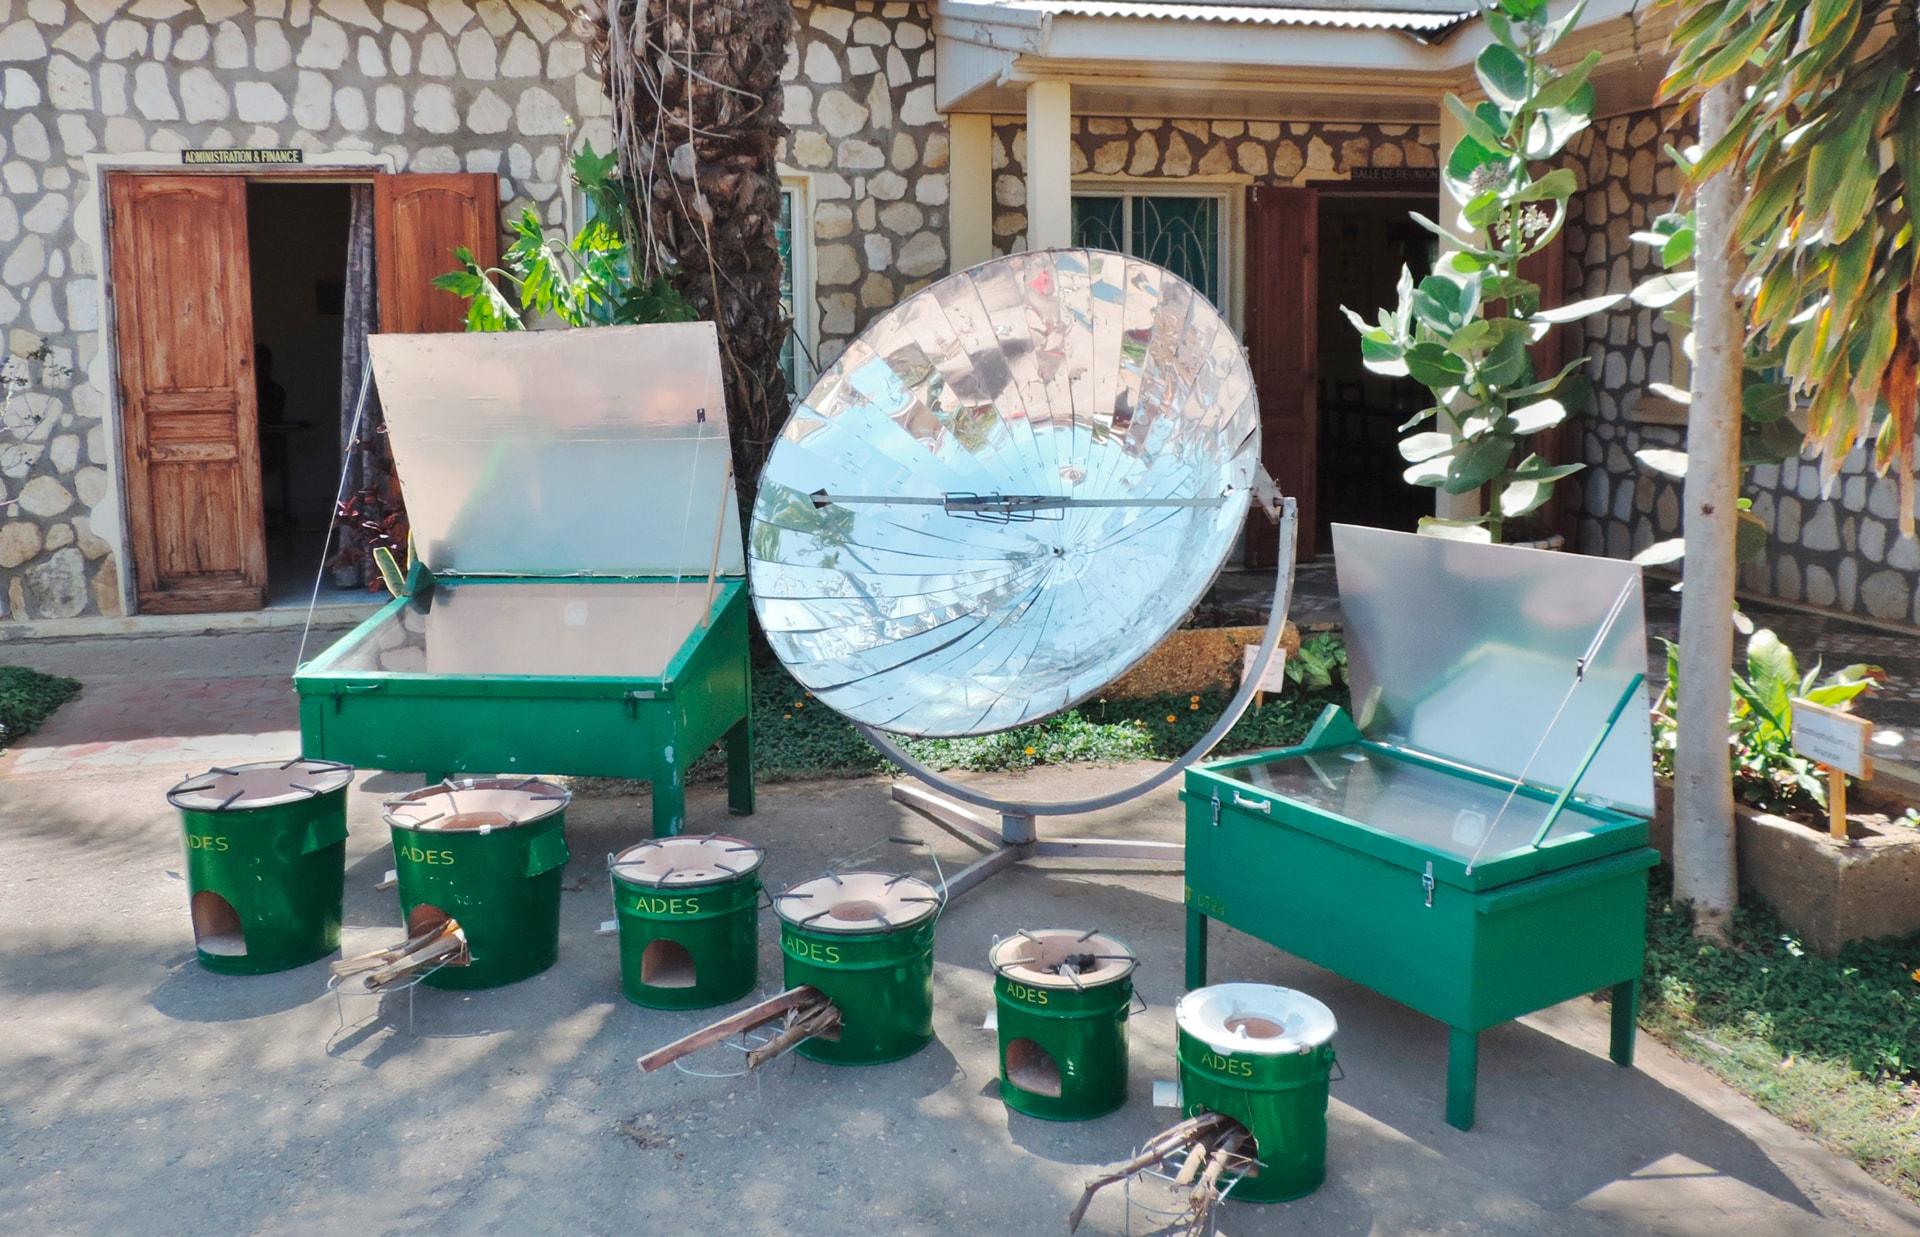 Neun verschiedene Solarkocher